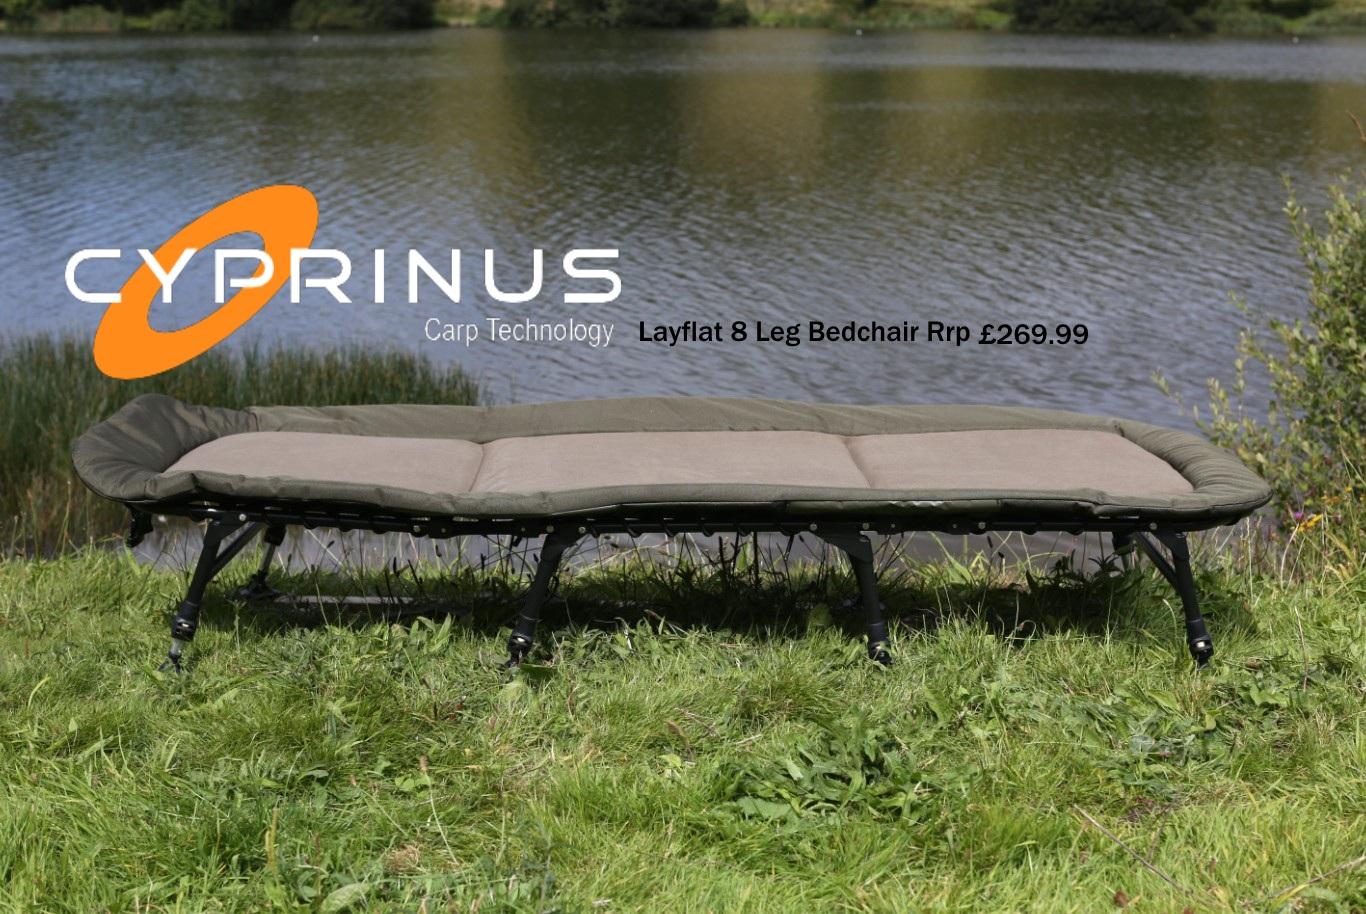 fishing chair argos best ergonomic chairs under 500 bedchairs uk carp and coarse